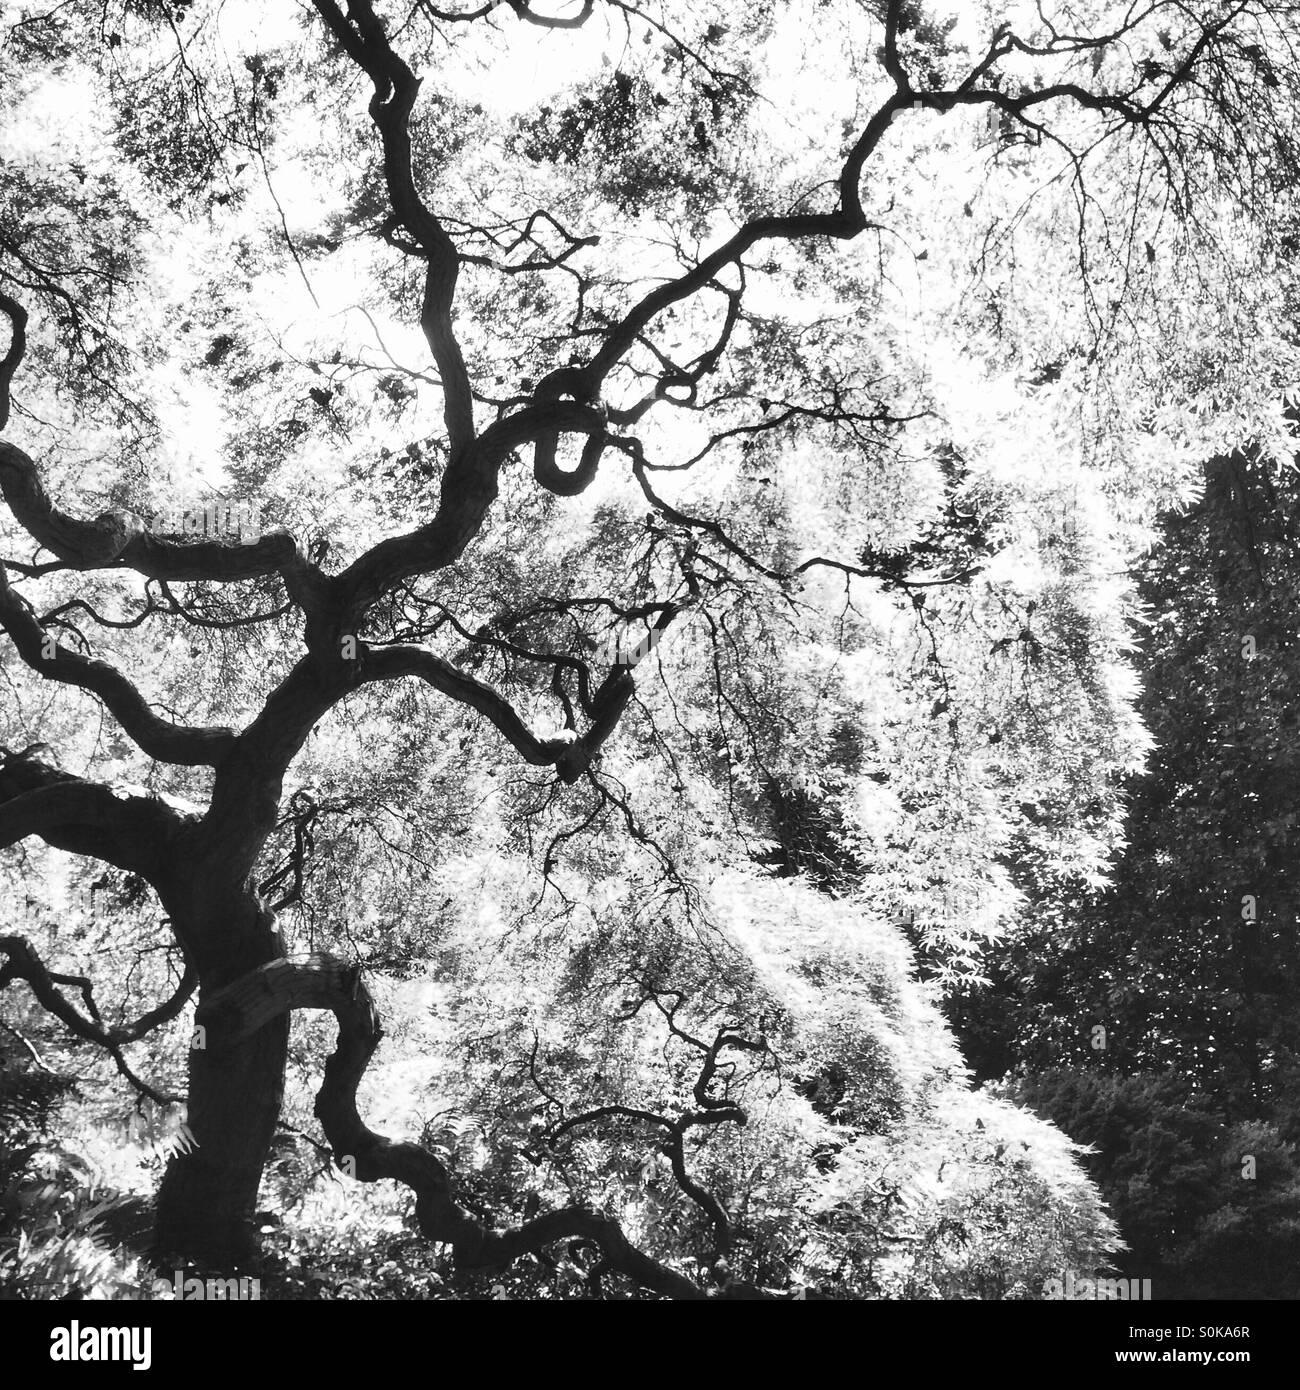 Arbre généalogique Gnarly en noir et blanc Photo Stock